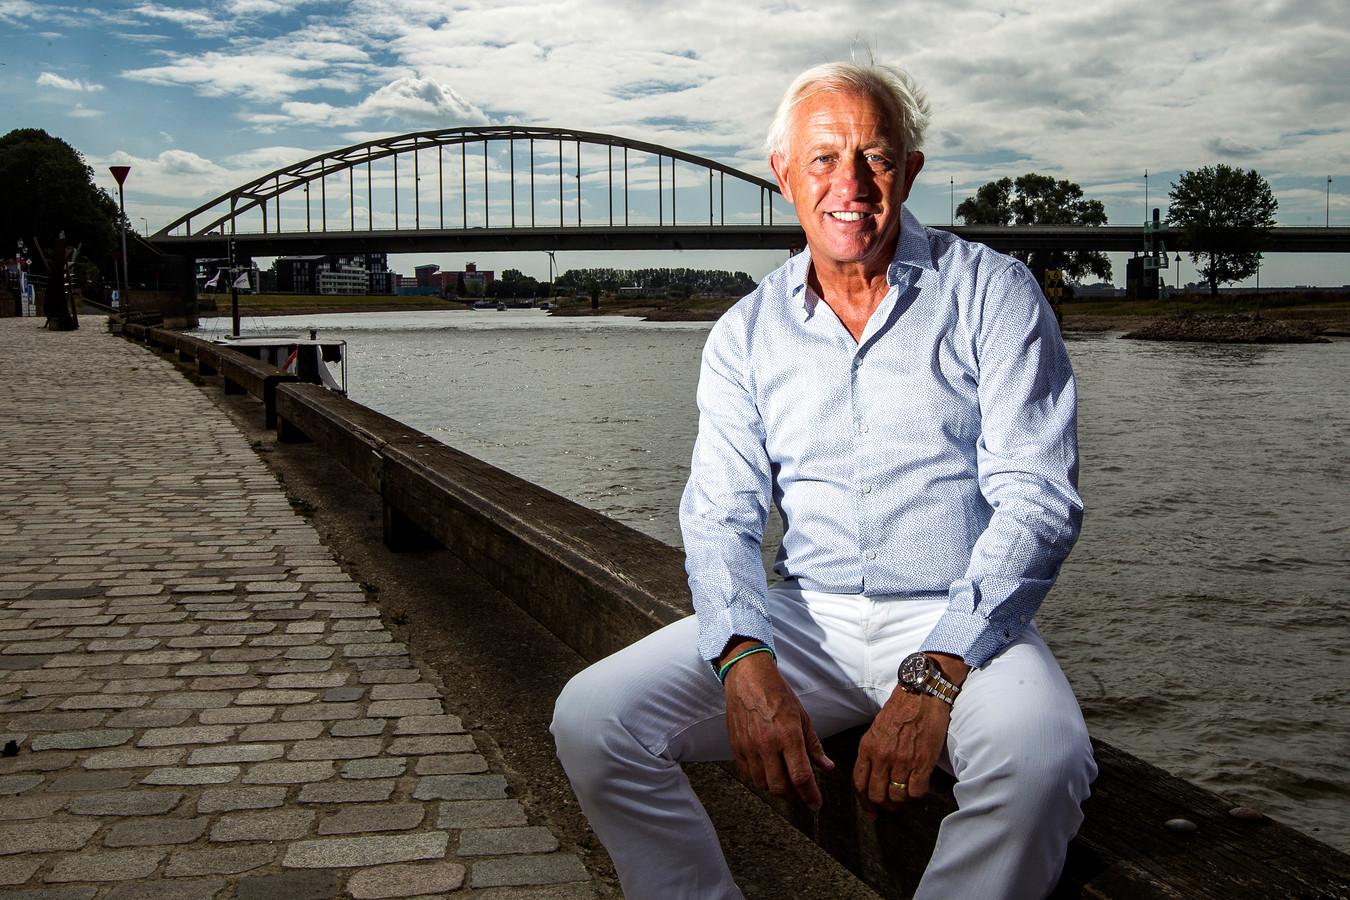 ▲ Martin Koopman aan de IJssel in Deventer, waar hij vertoeft als hij niet op Aruba is.